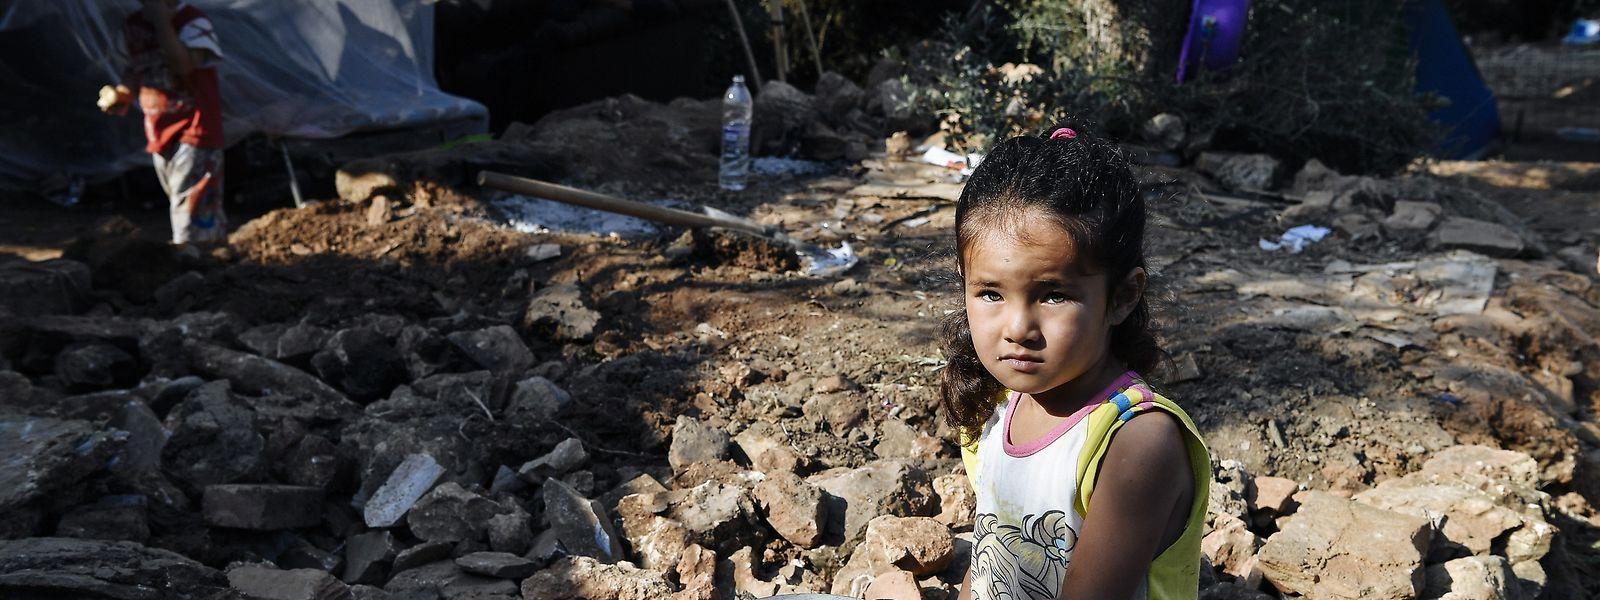 Im Flüchtlingslager Vathy auf der griechischen Insel Samos sind die Zustände laut NGO's katastrophal.